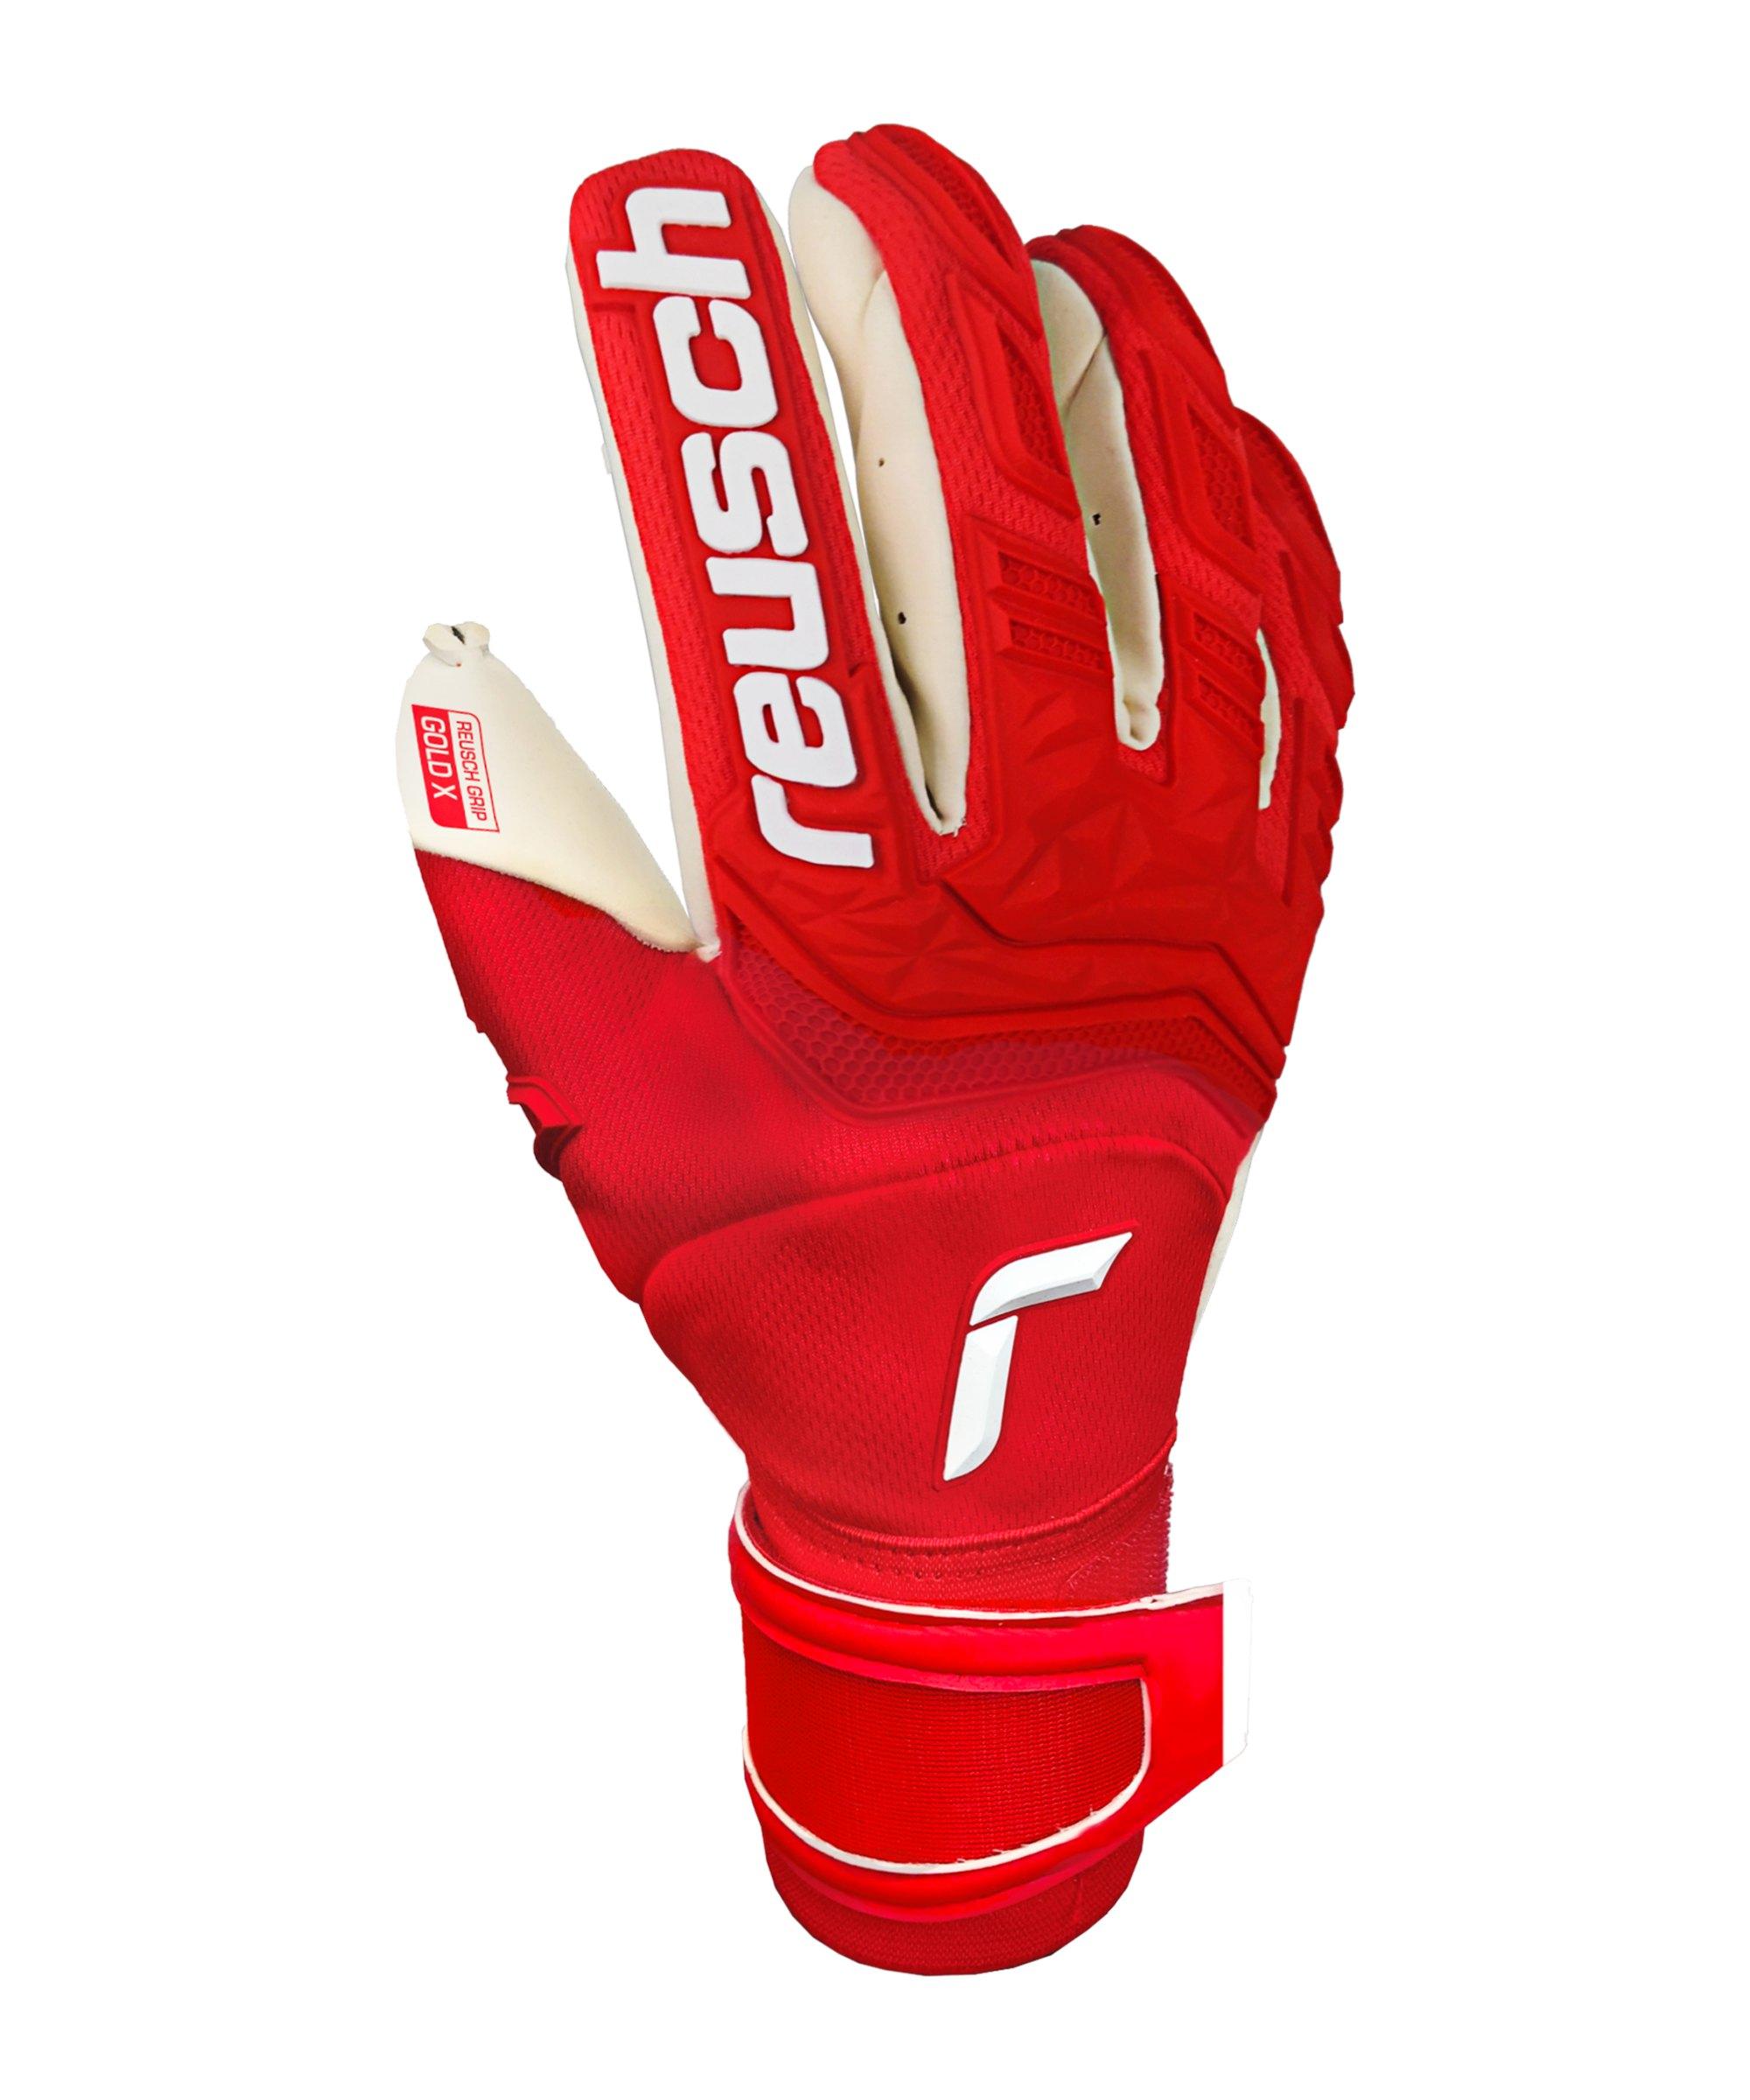 Reusch Attrakt Freegel Gold X TW-Handschuh F3002 - rot